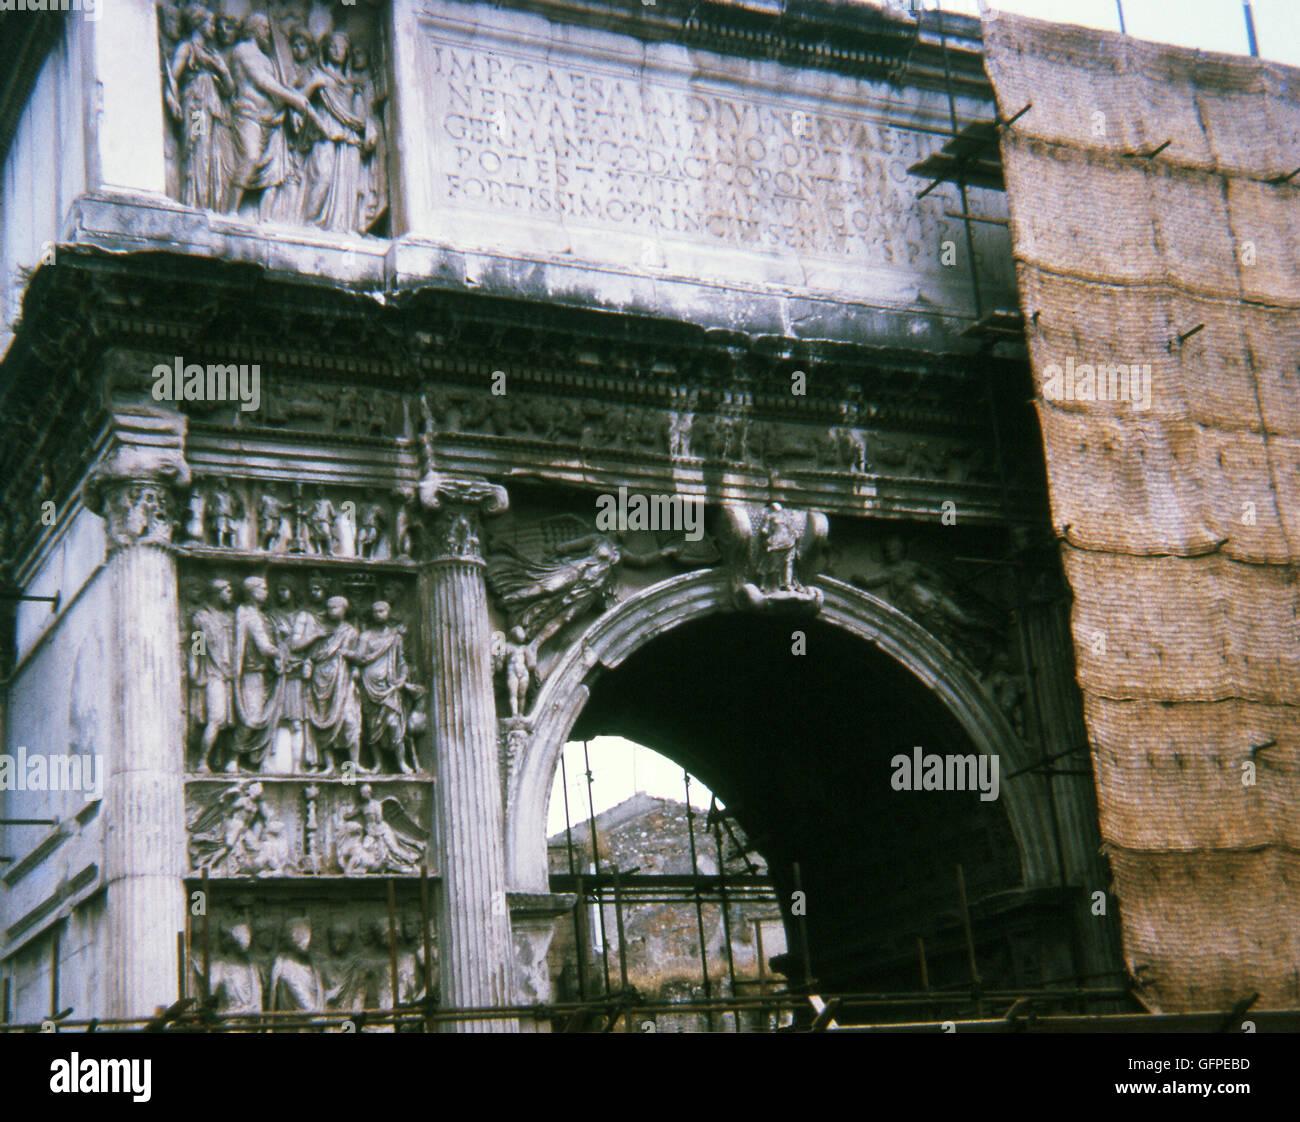 Dieses Foto, aufgenommen im Jahr 1970 zeigt Trajansbogen in Benevento (Benevent) in Süditalien, wenn es im Stockbild